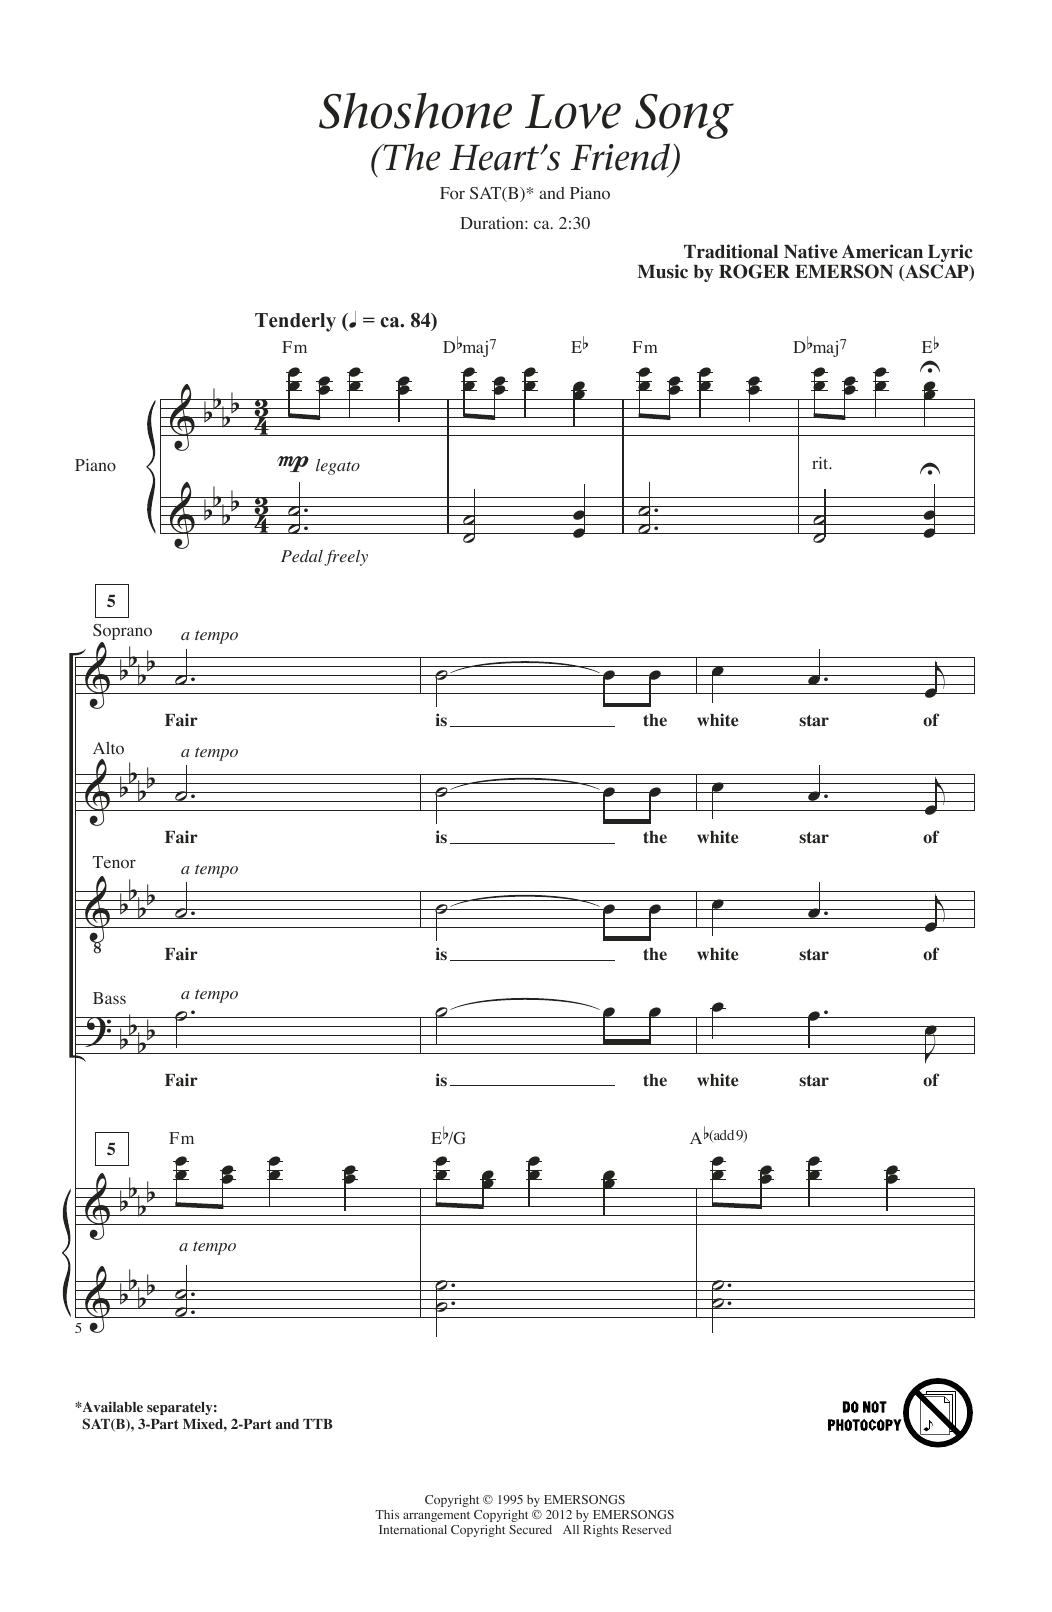 Shoshone Love Song (The Heart's Friend) (SATB Choir)